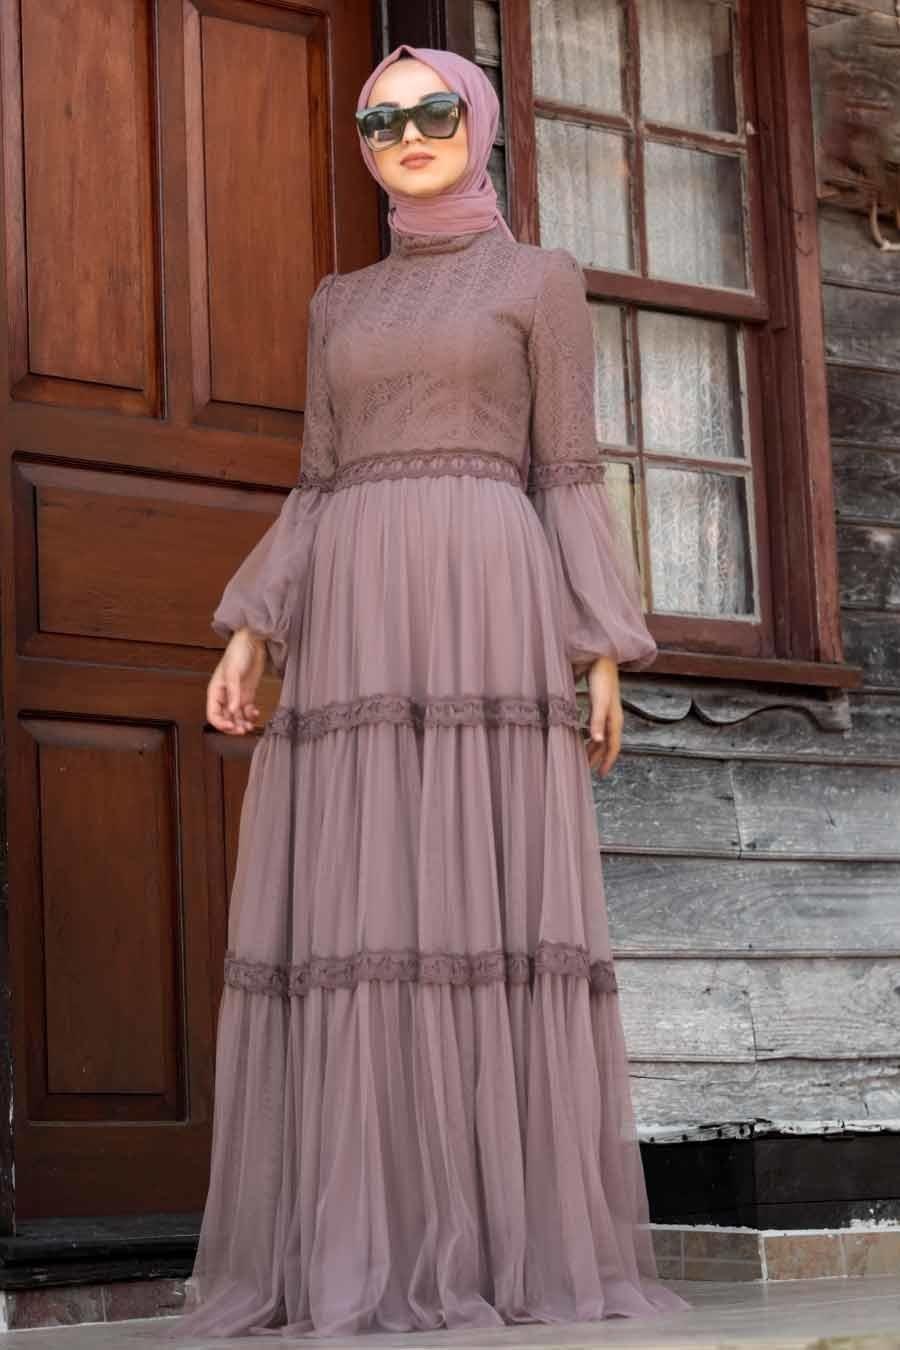 Tesetturlu Abiye Elbise Balon Kol Gul Kurusu Tesettur Abiye Elbise 39550gk Tesetturisland Com Elbise Moda Stilleri Mankenler